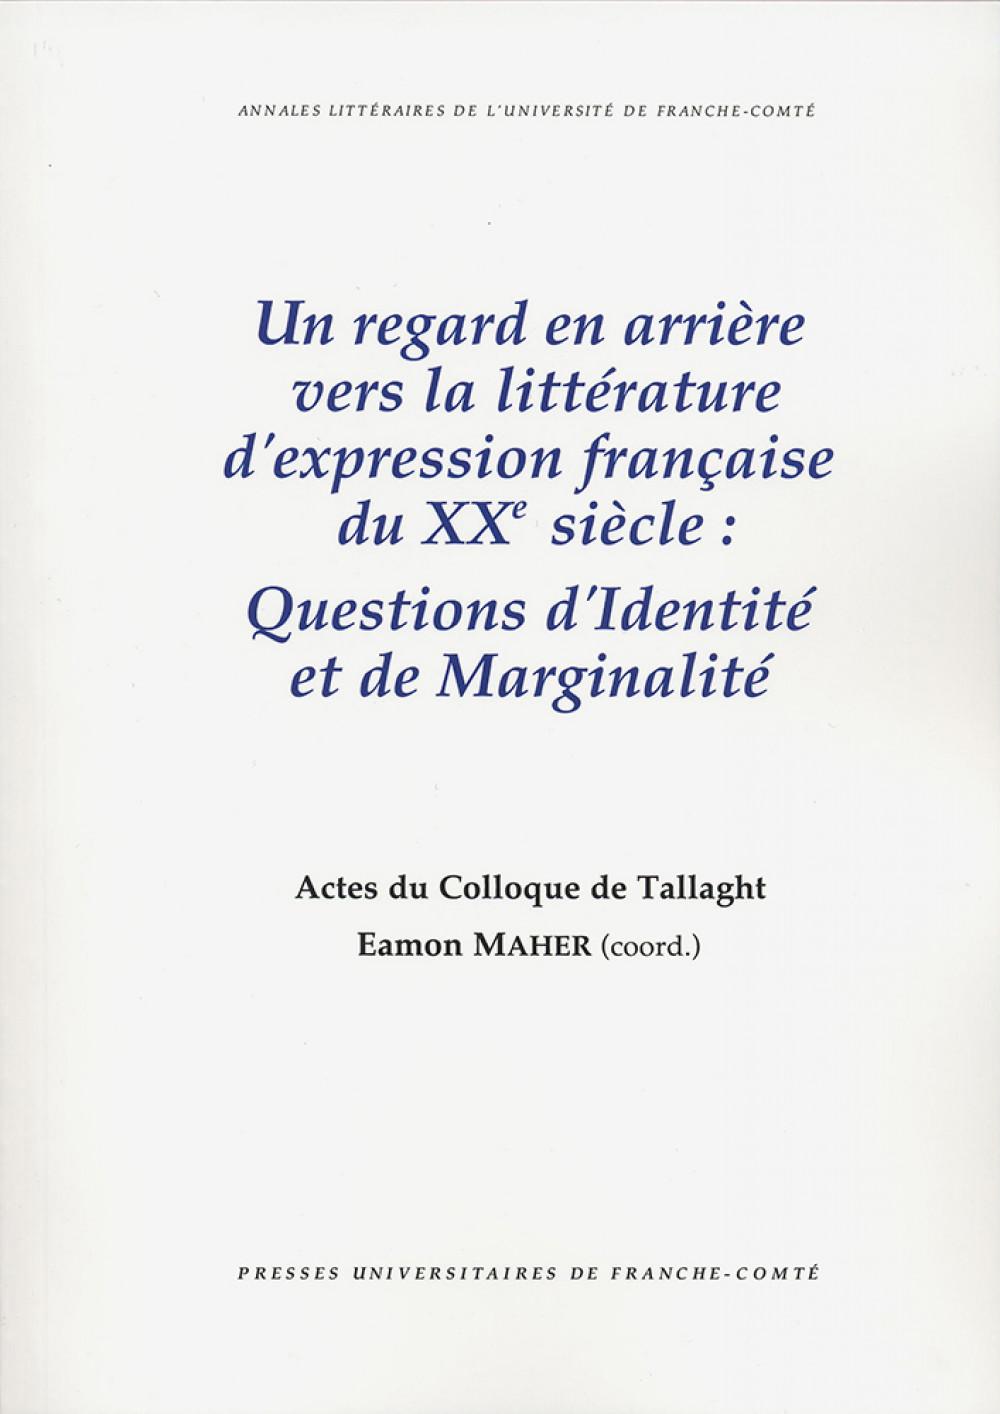 """Un regard en arrière vers la littérature d'expression du <span style=""""font-variant: small-caps"""">XX</span><sup>e</sup> siècle : Questions d'Identité et de Marginalité"""